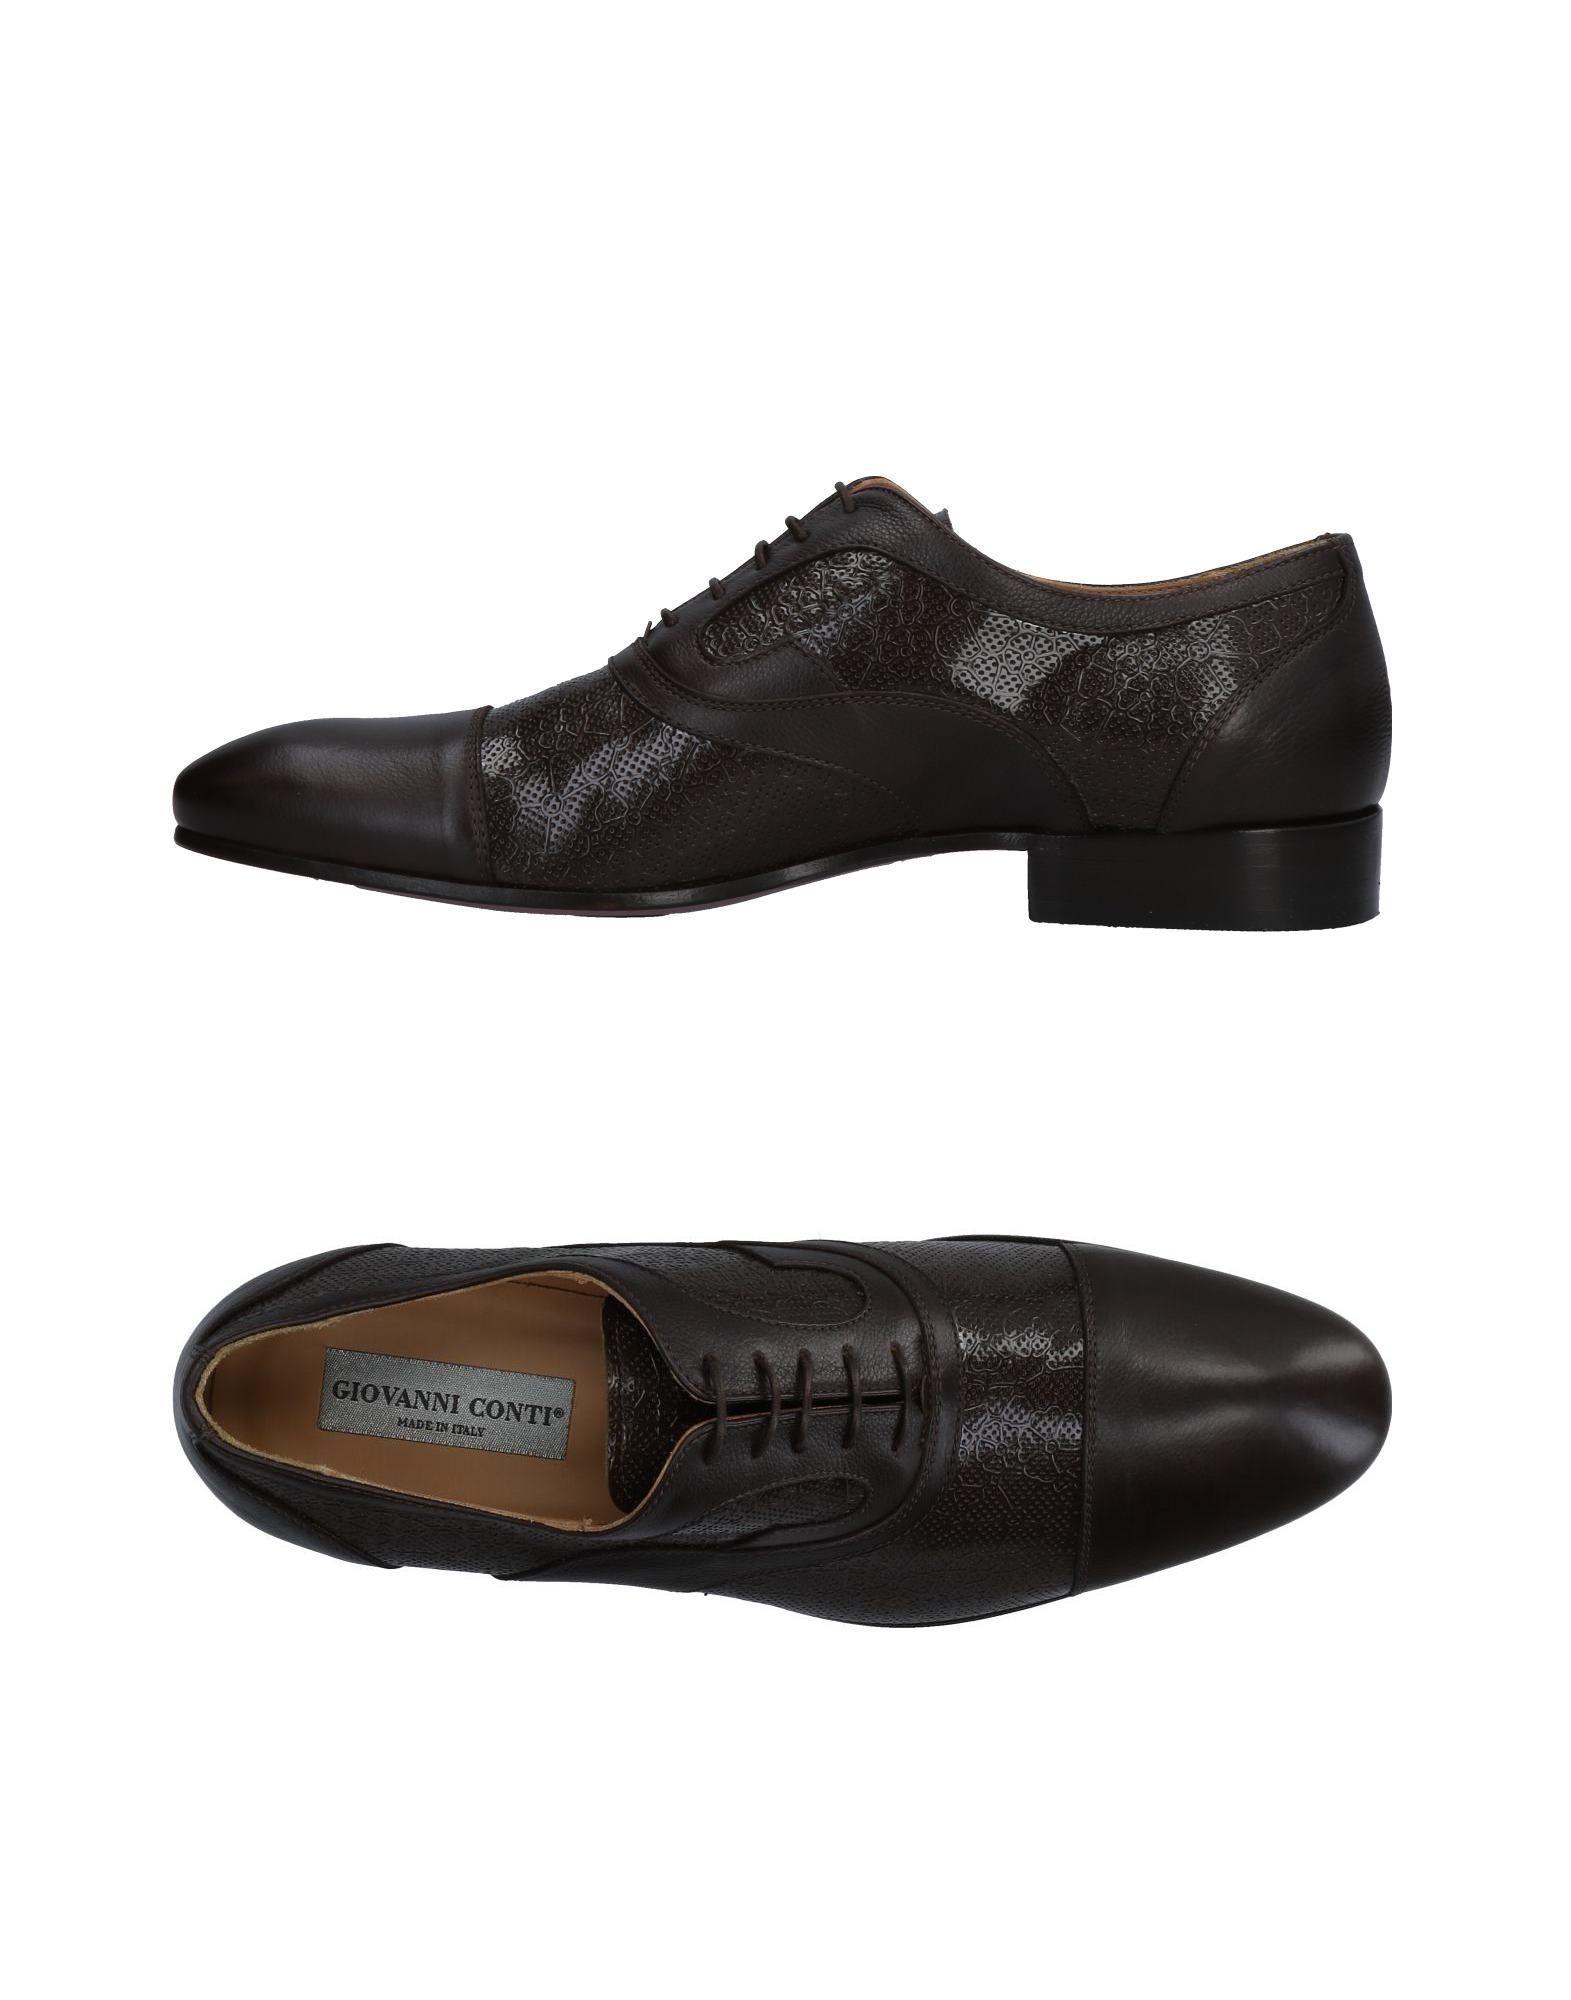 Giovanni Conti Schnürschuhe Herren  11235378IC Gute Qualität beliebte Schuhe